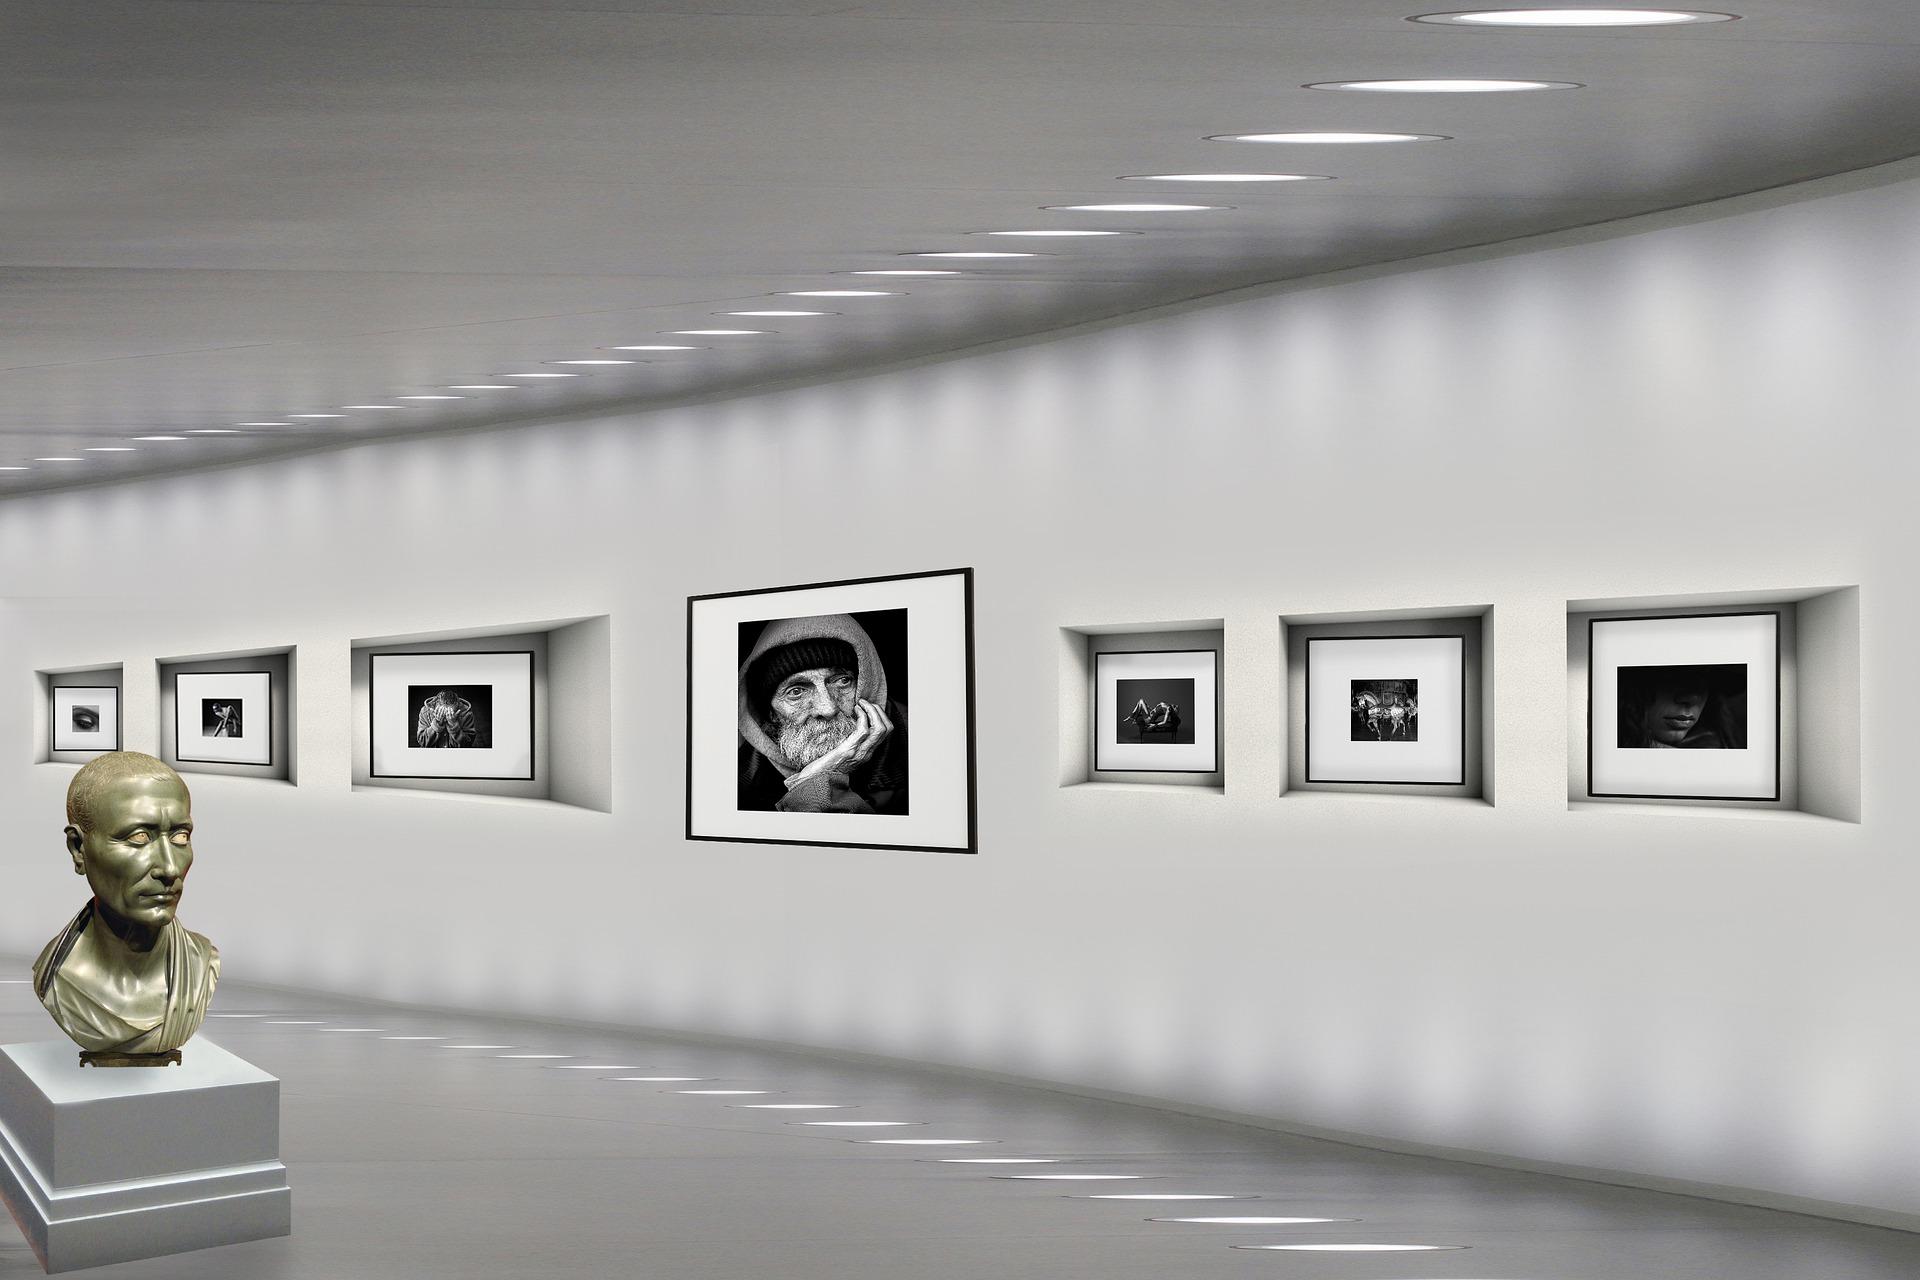 art-exhibit-in-gallery